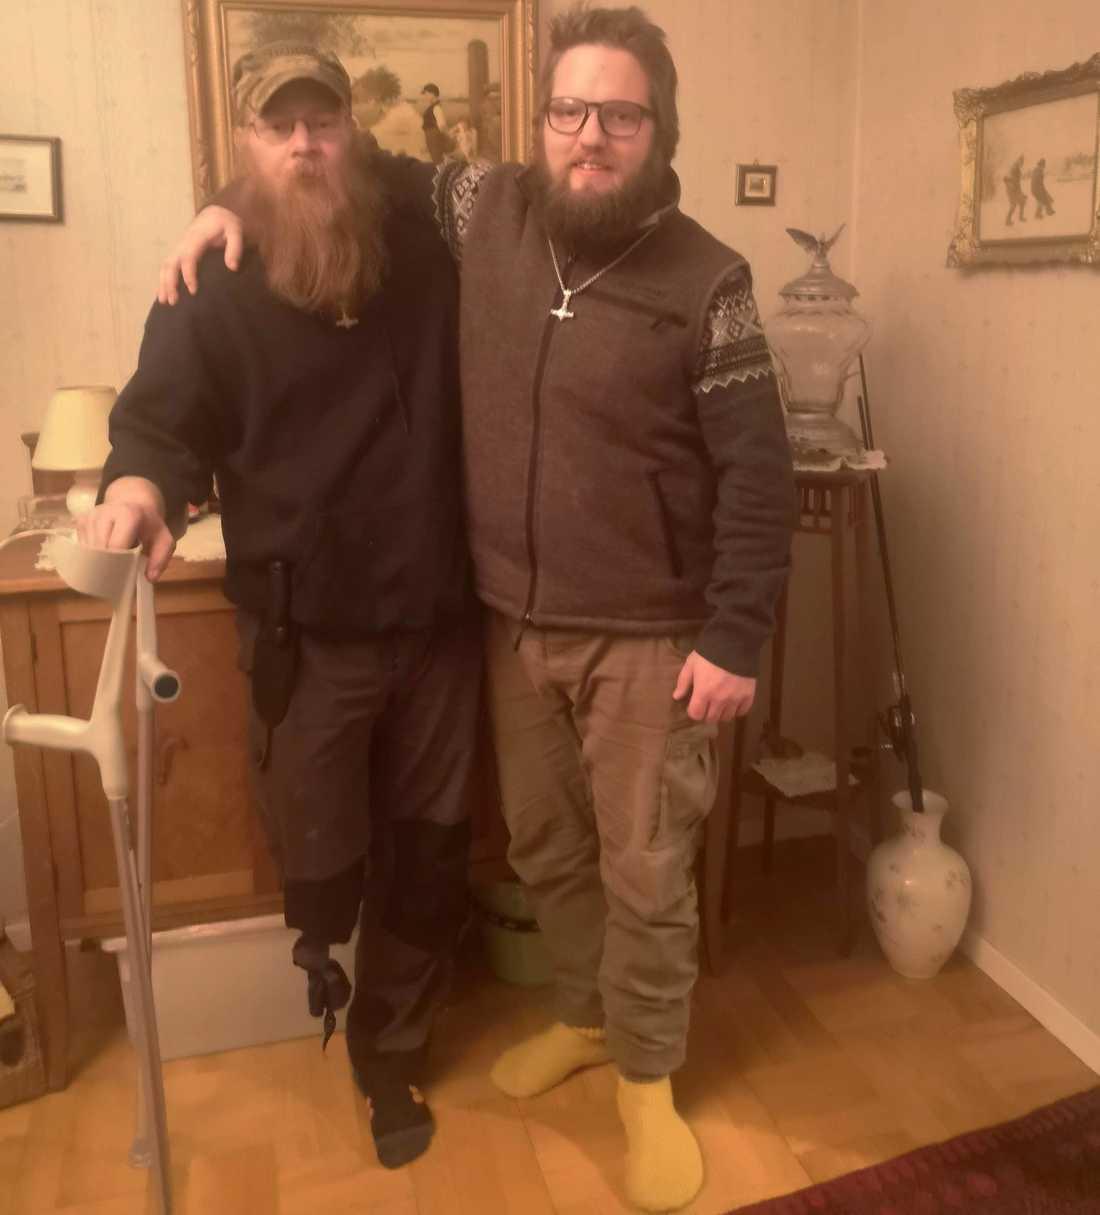 Grannarna Jan-Erik Guneriussen och Pontus Björk. Jan-Erik har bara ett ben – han tvingades amputera efter en tids sjukdom för fem år sedan.